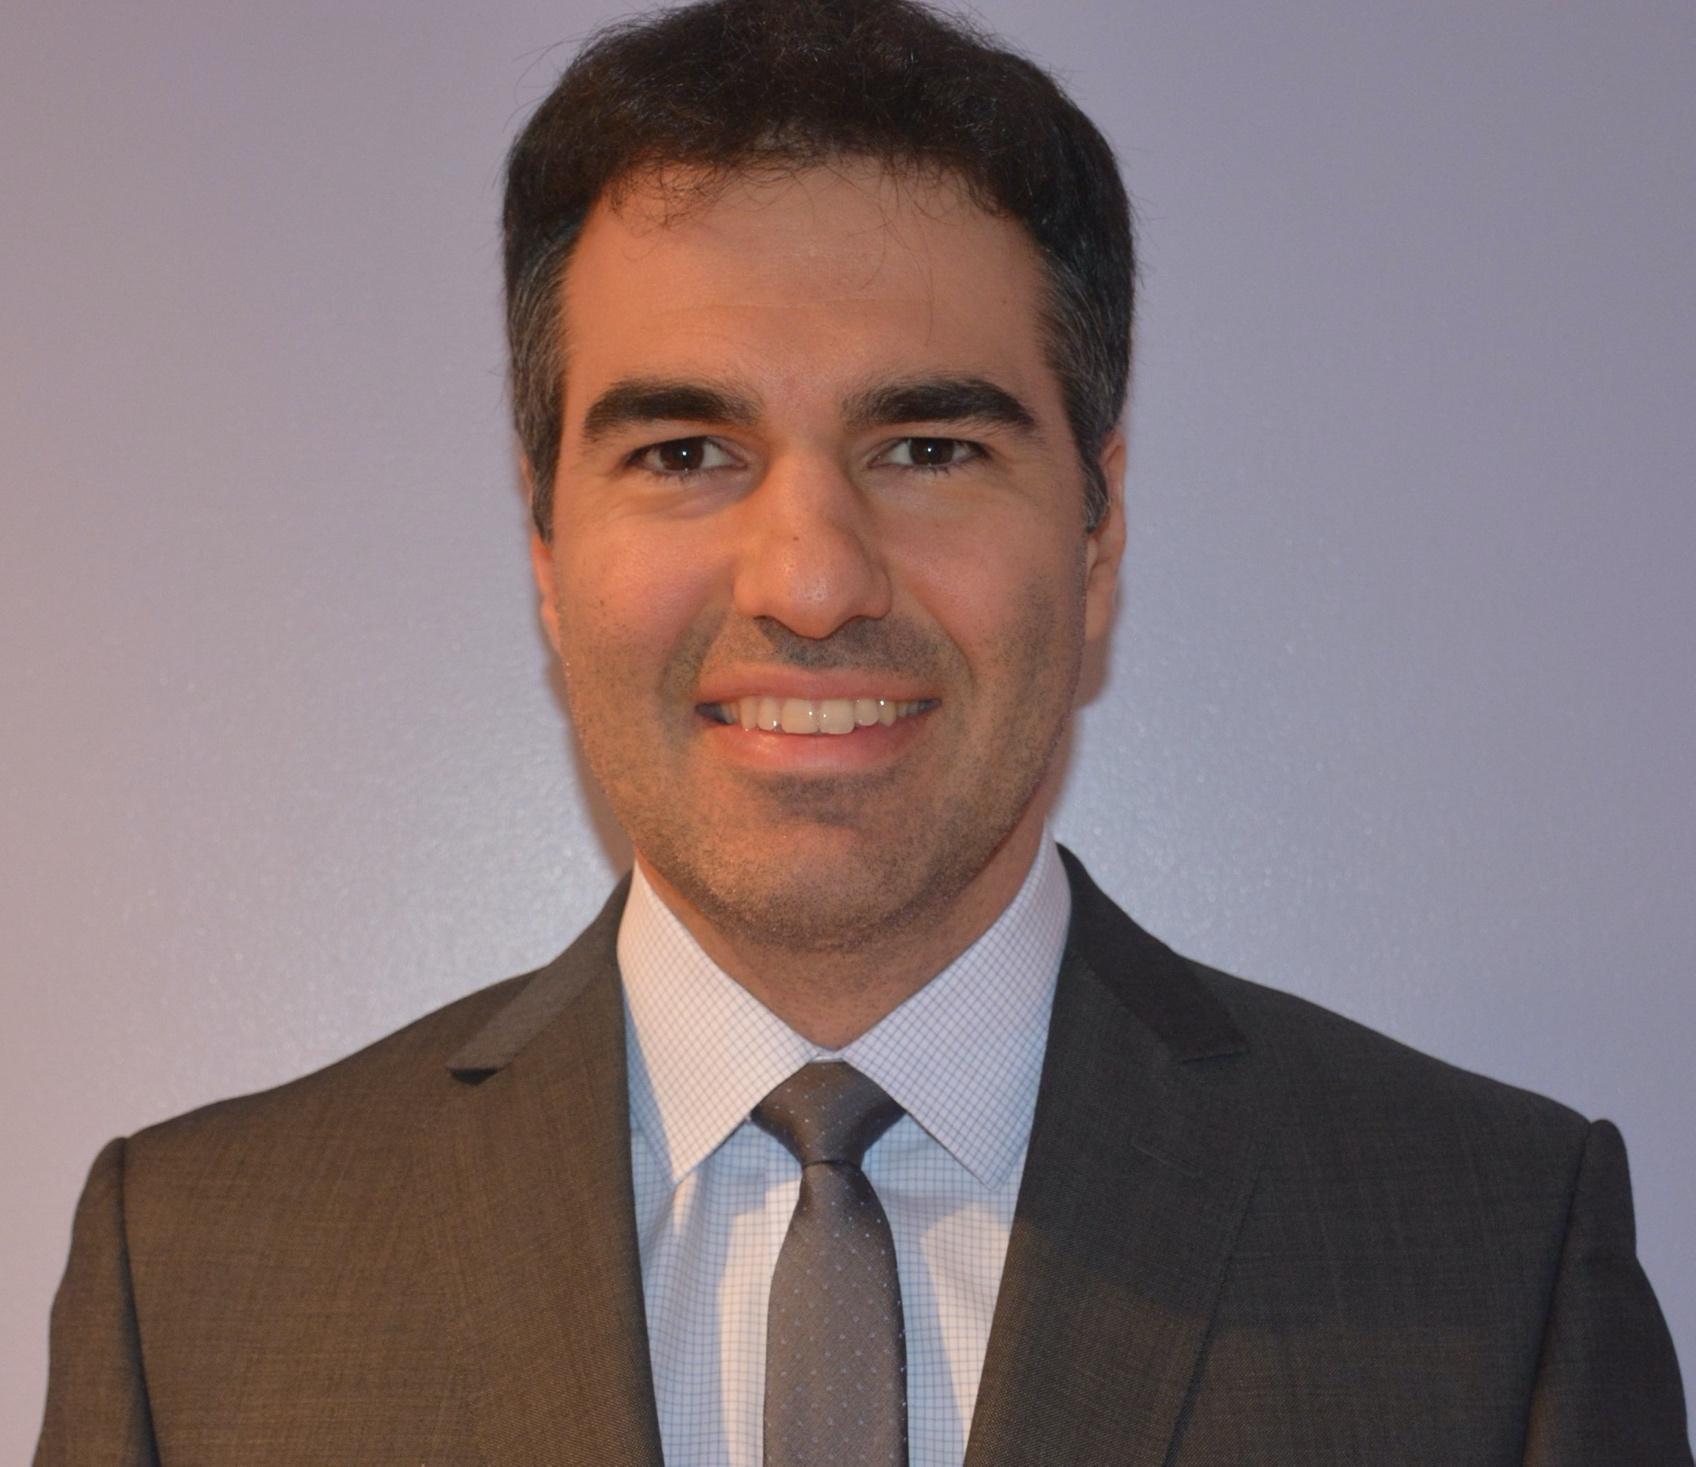 FP-Ricardo Pareja